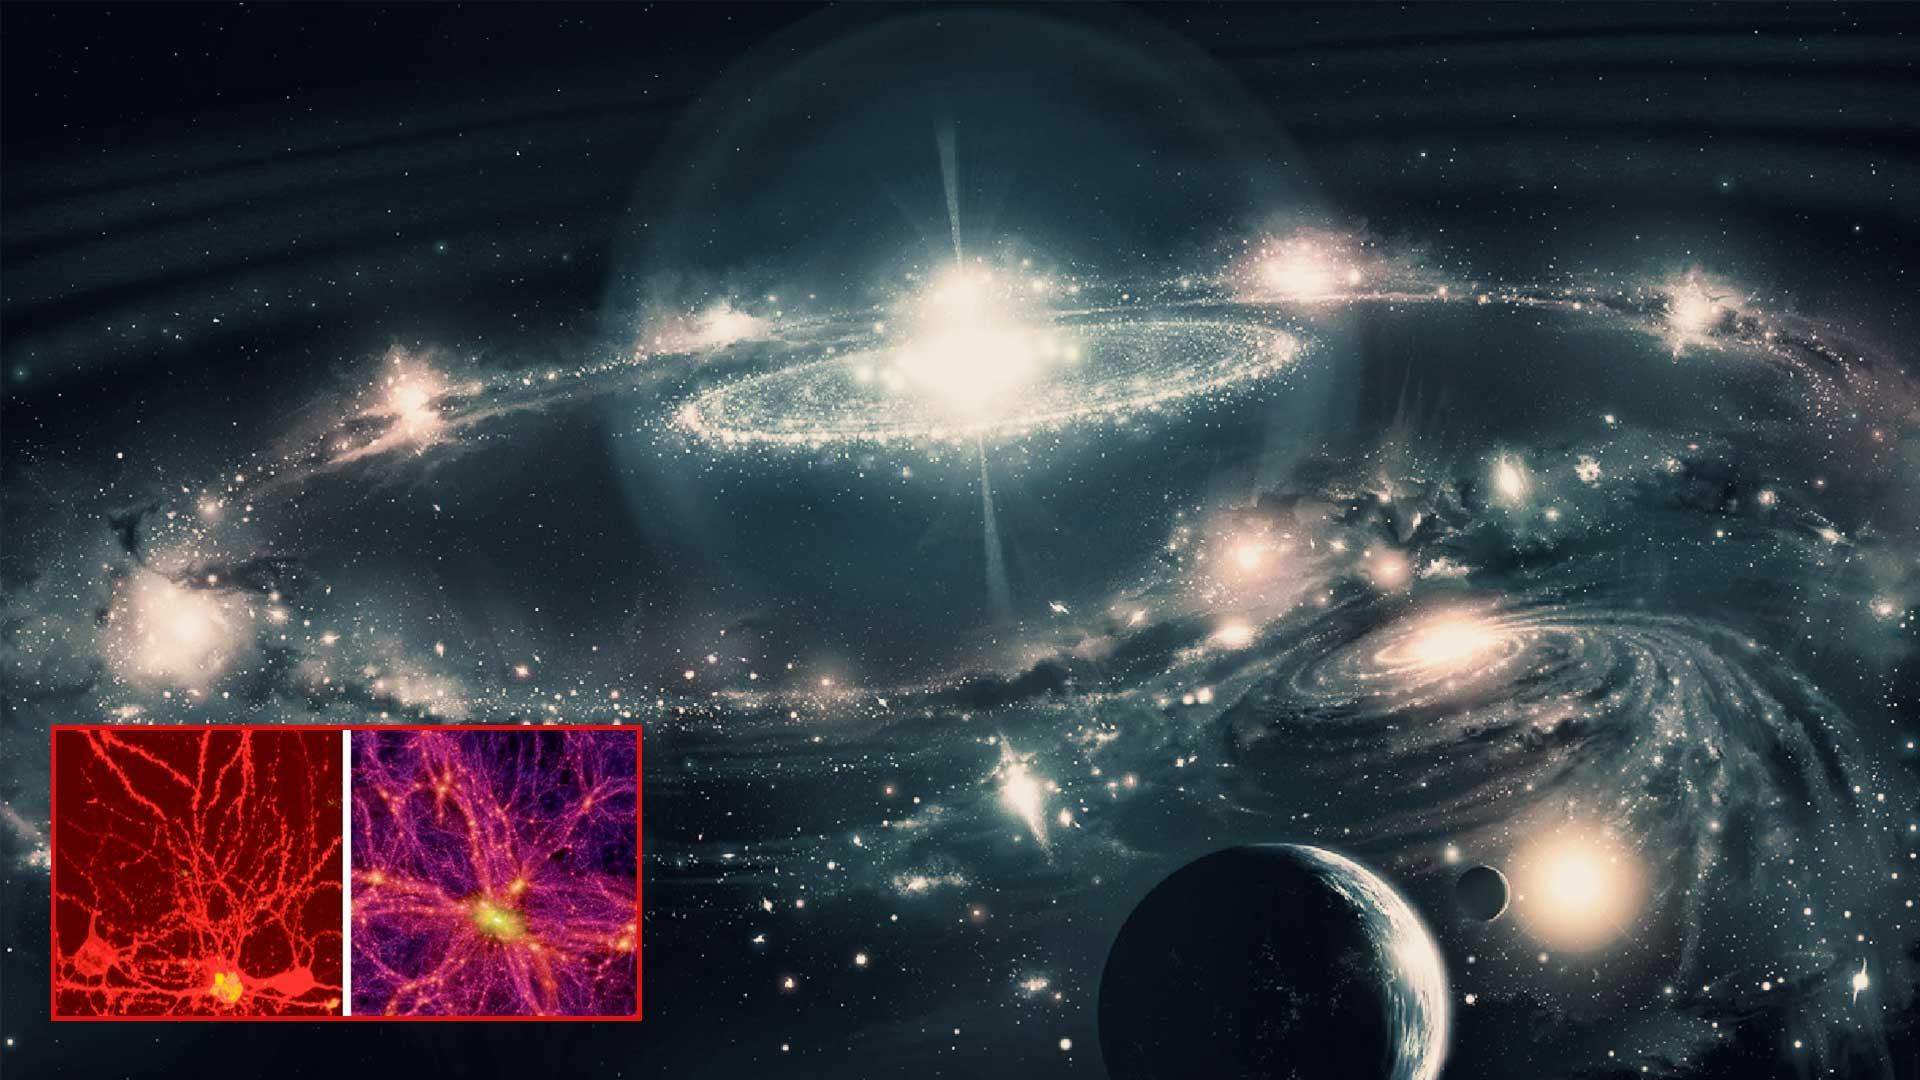 Esta es la evidencia que explica cómo el Universo puede tratarse de un gigante organismo vivo